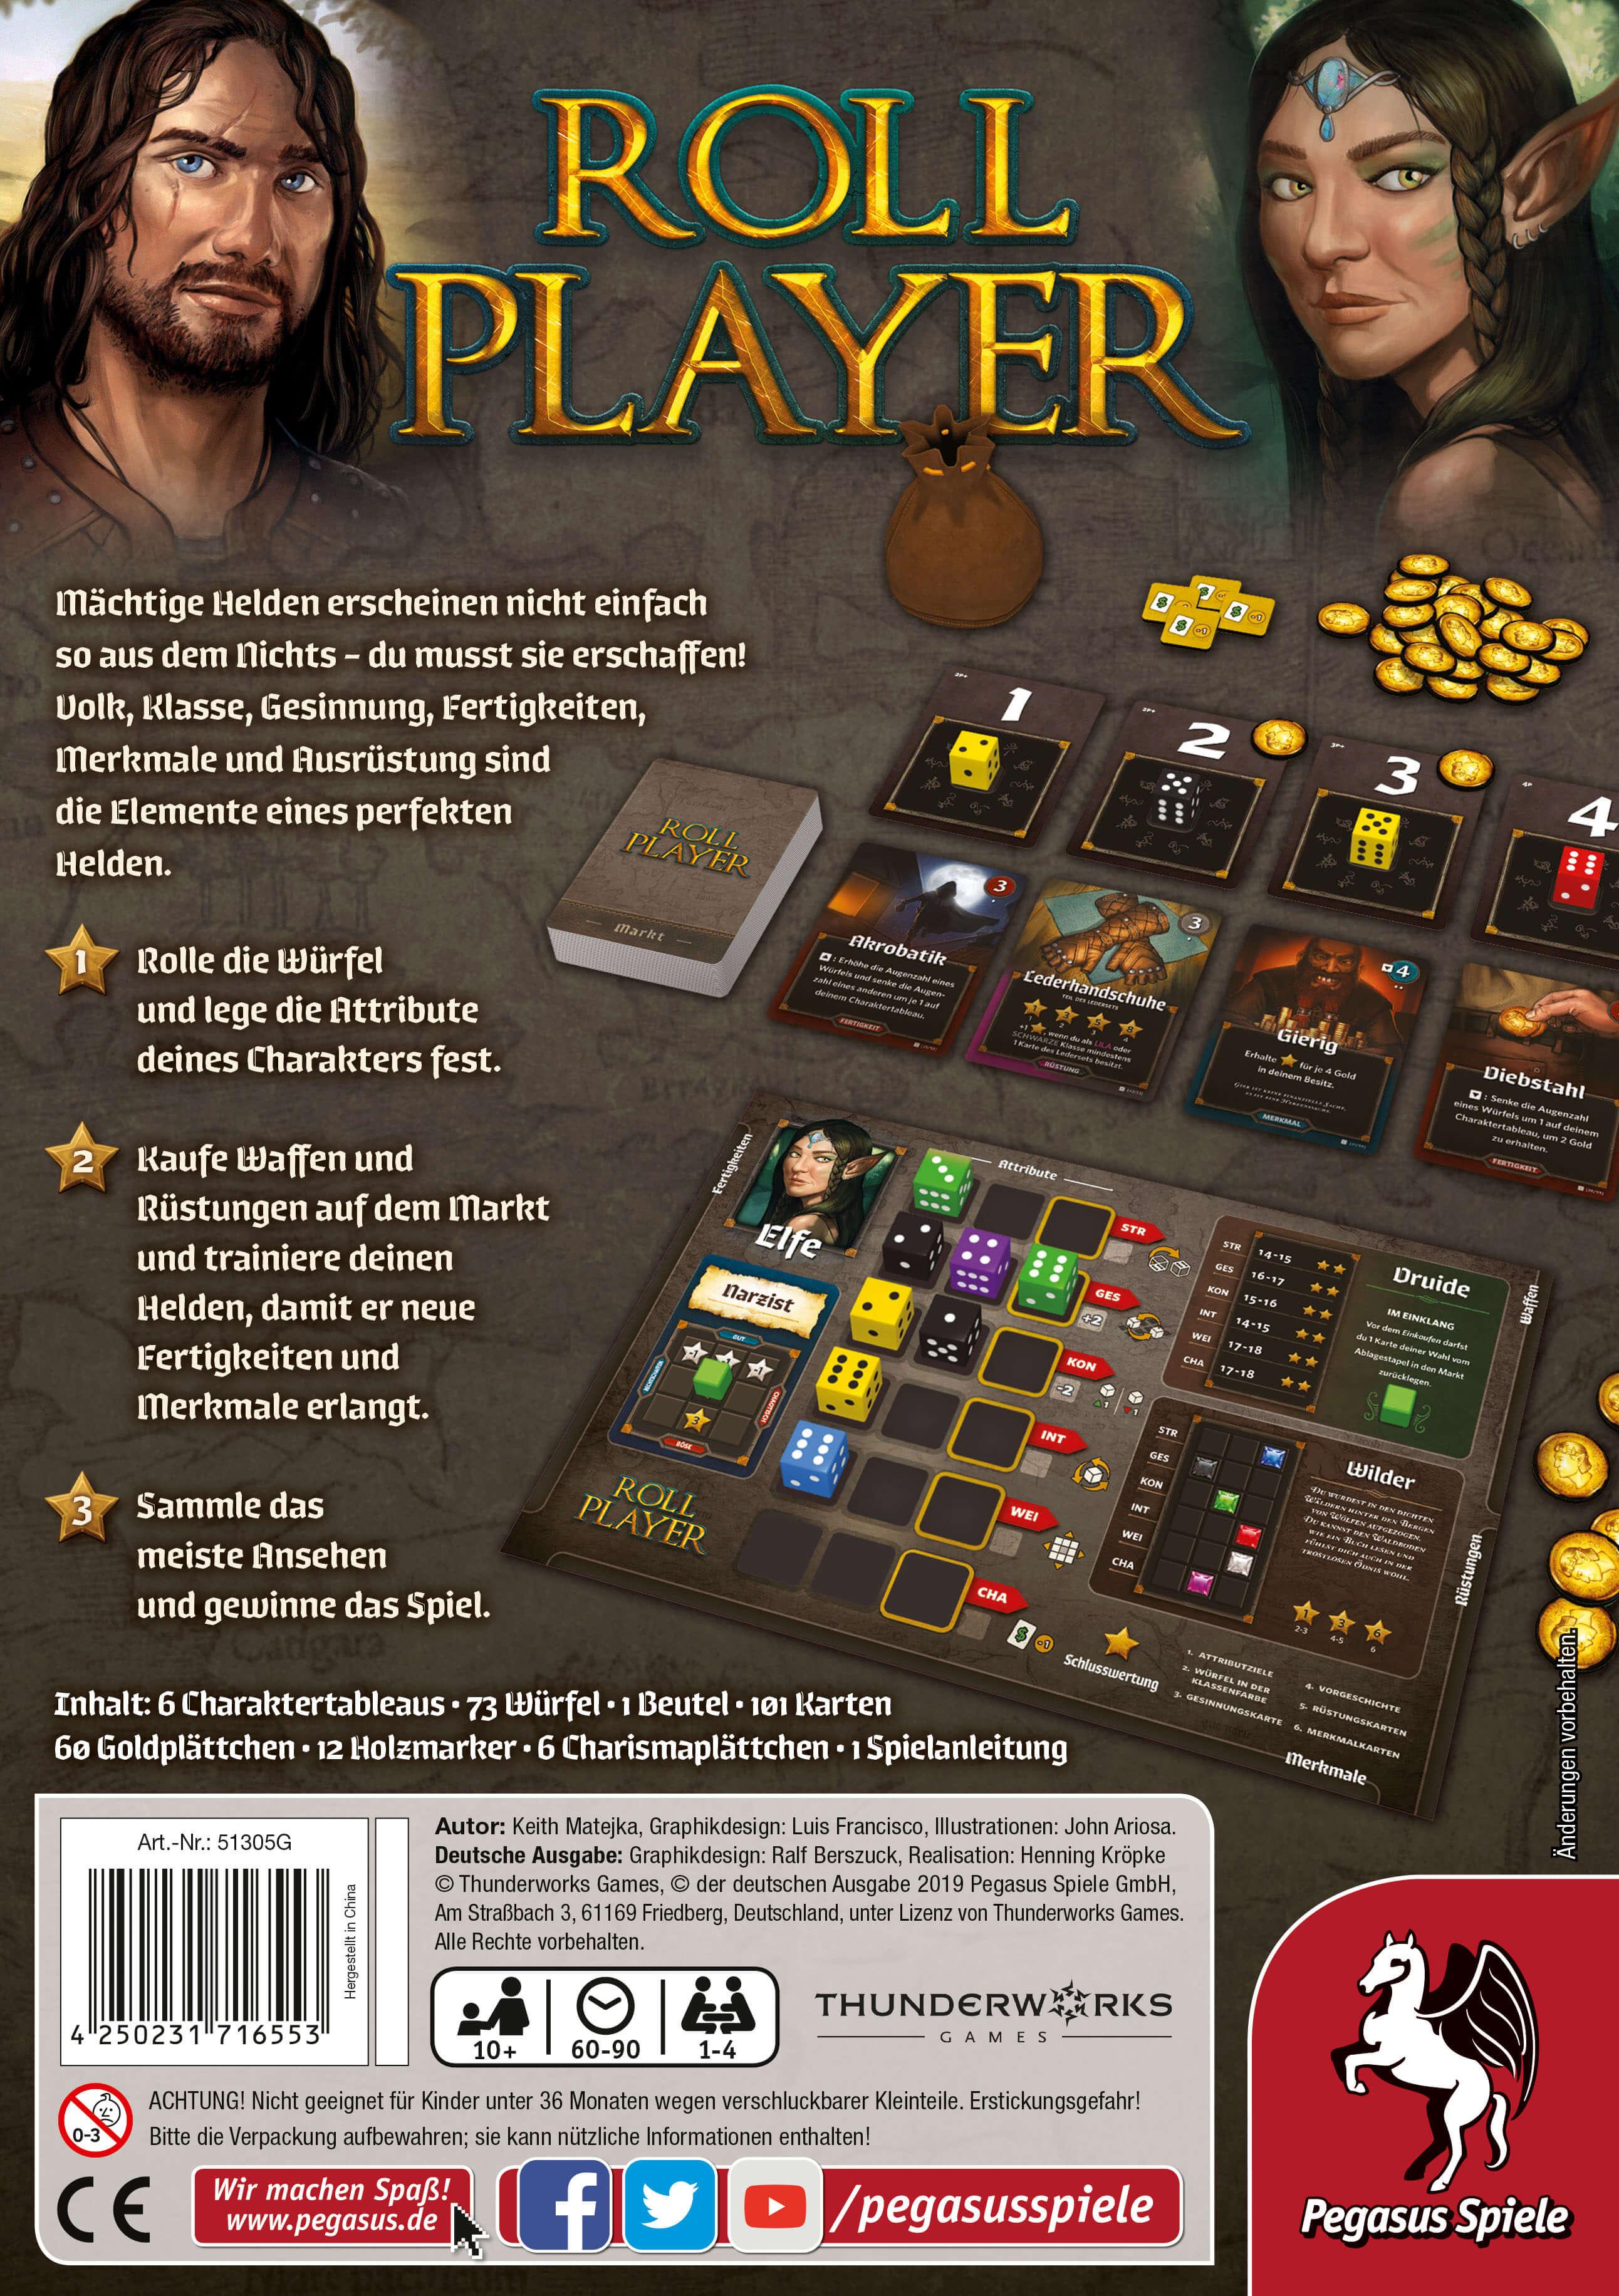 Schachtel Rückseite- Roll Player